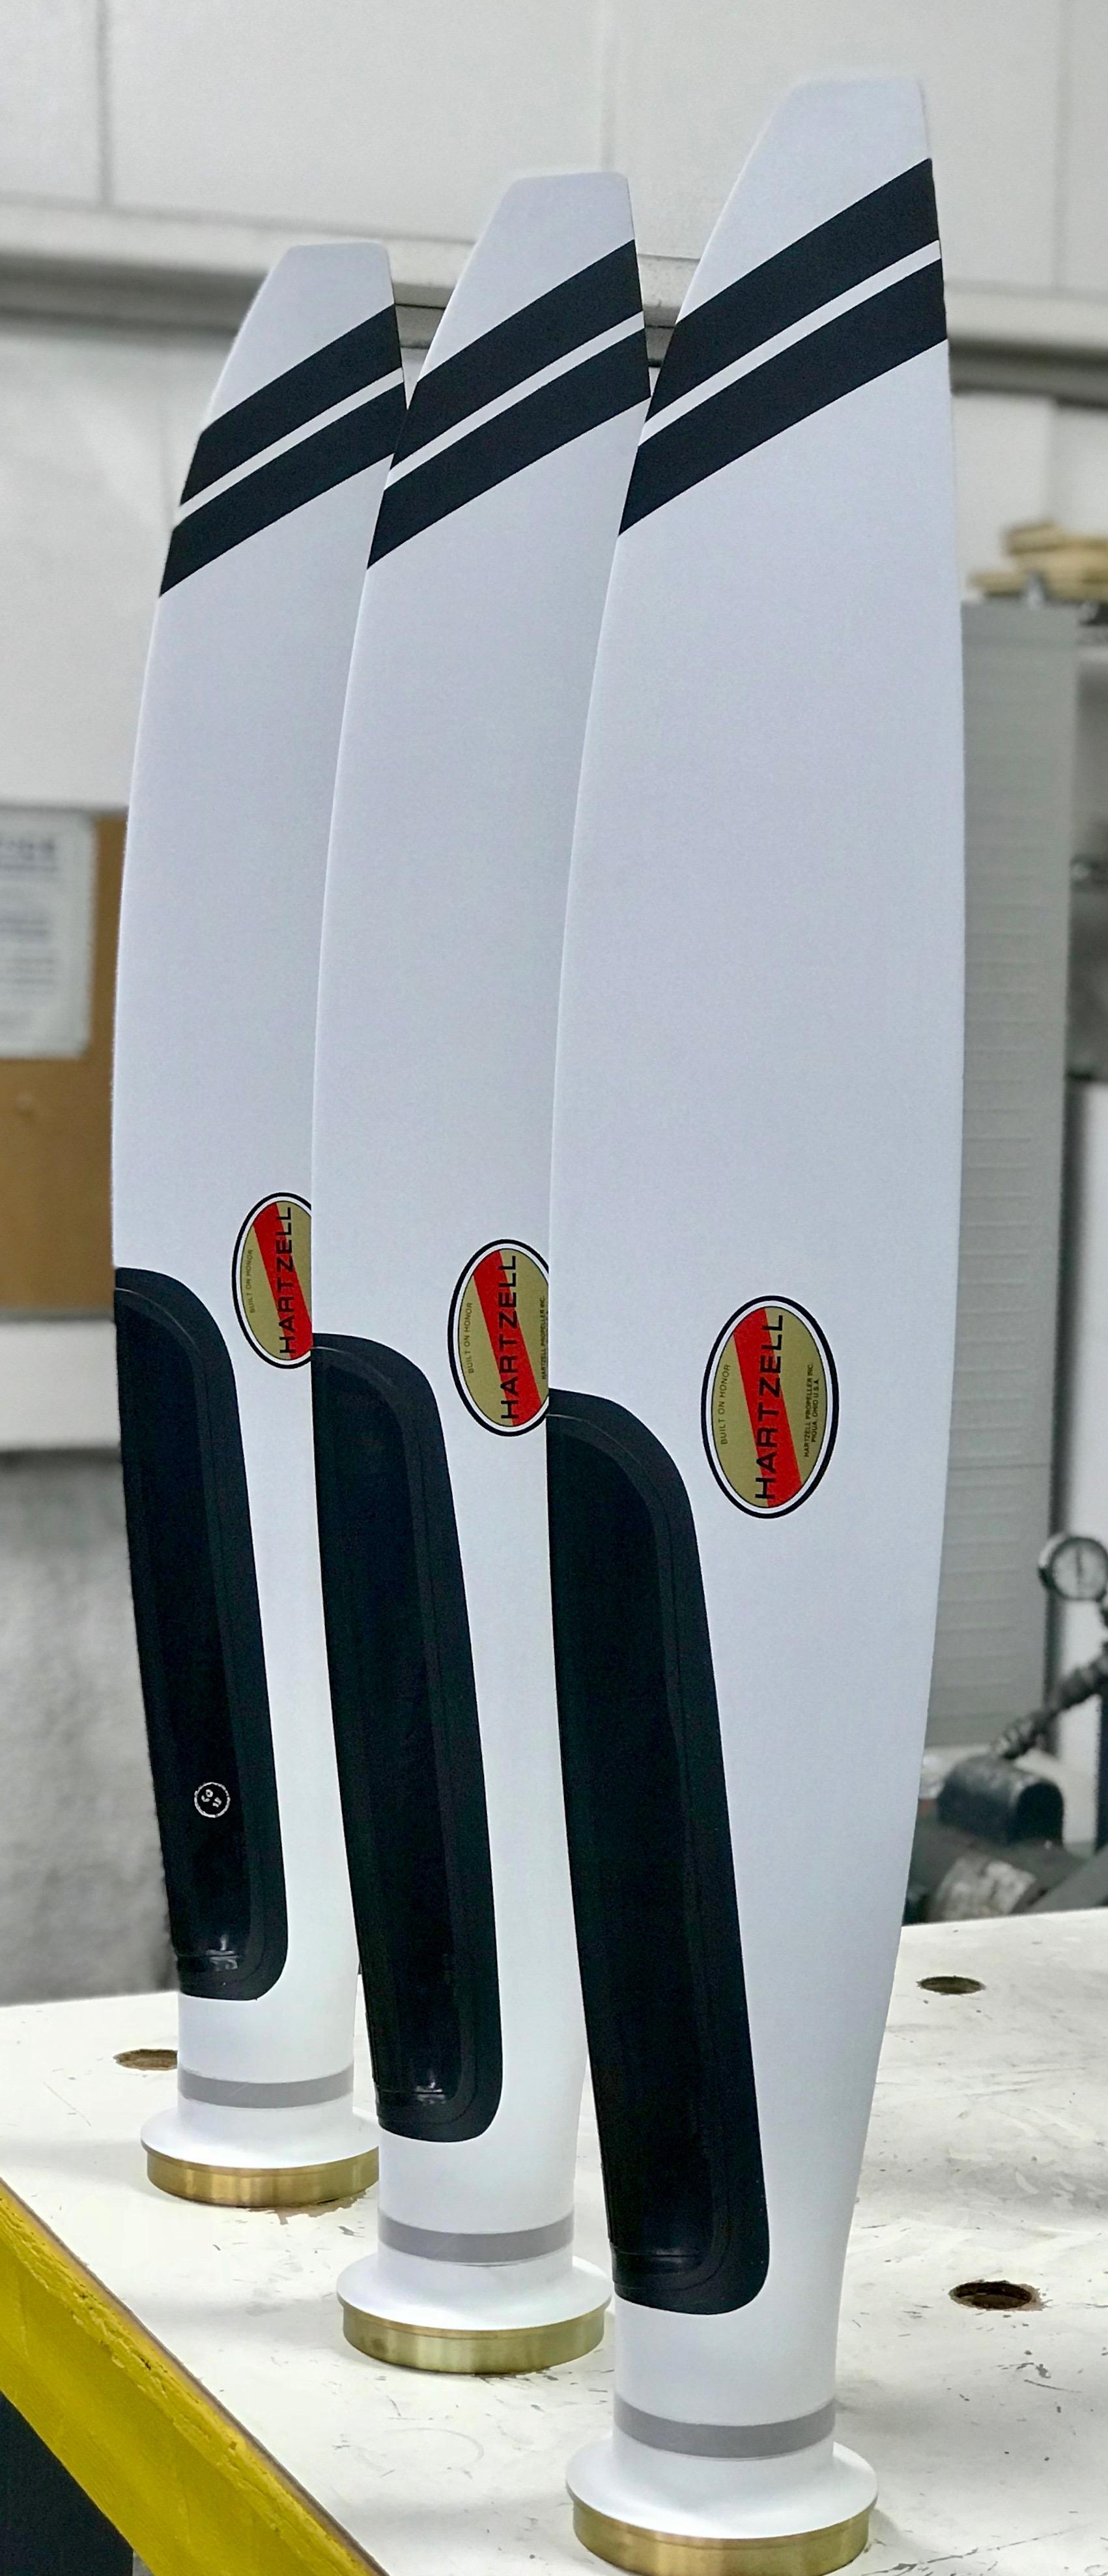 Hartzell Propeller Blades